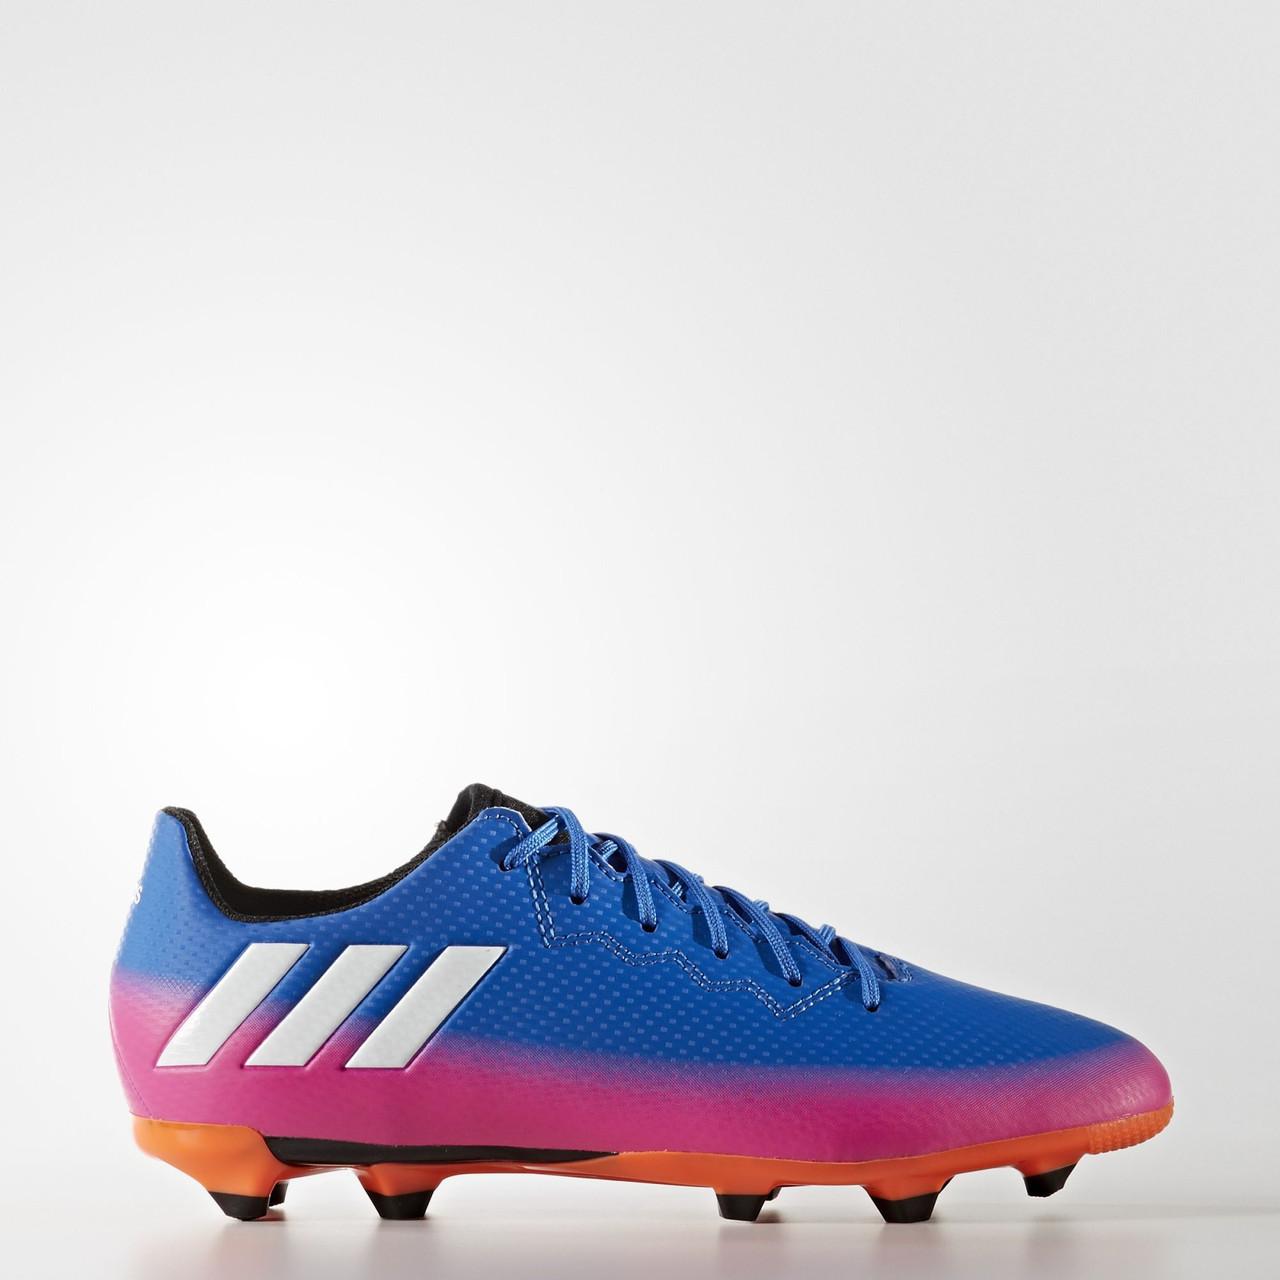 b51424e71e8b Детские футбольные бутсы Adidas Performance Messi 16.3 FG (Артикул  BA9147)